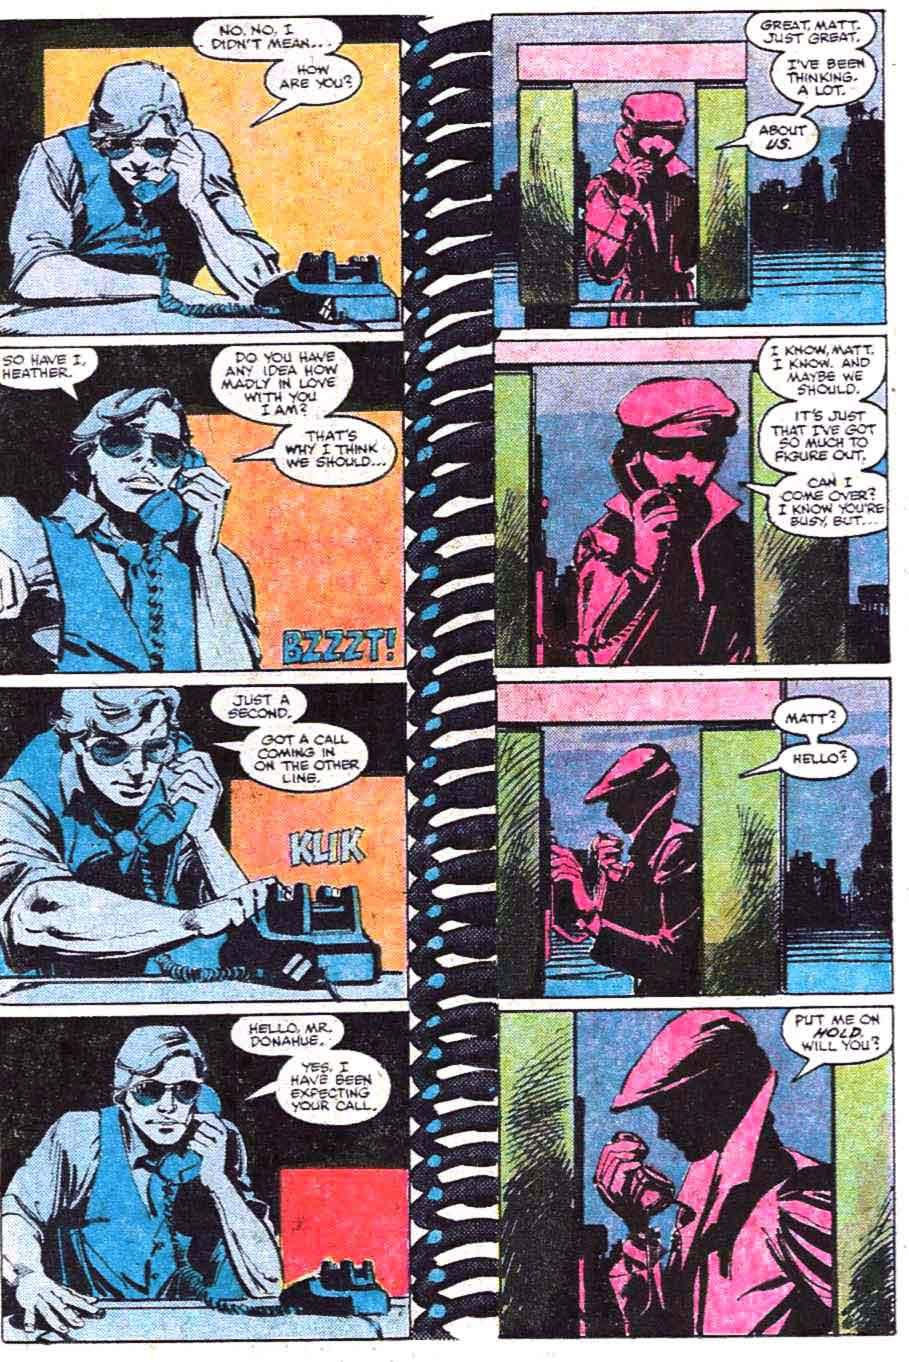 Daredevil V1 184 Marvel Comic Book Page Art By Frank Miller